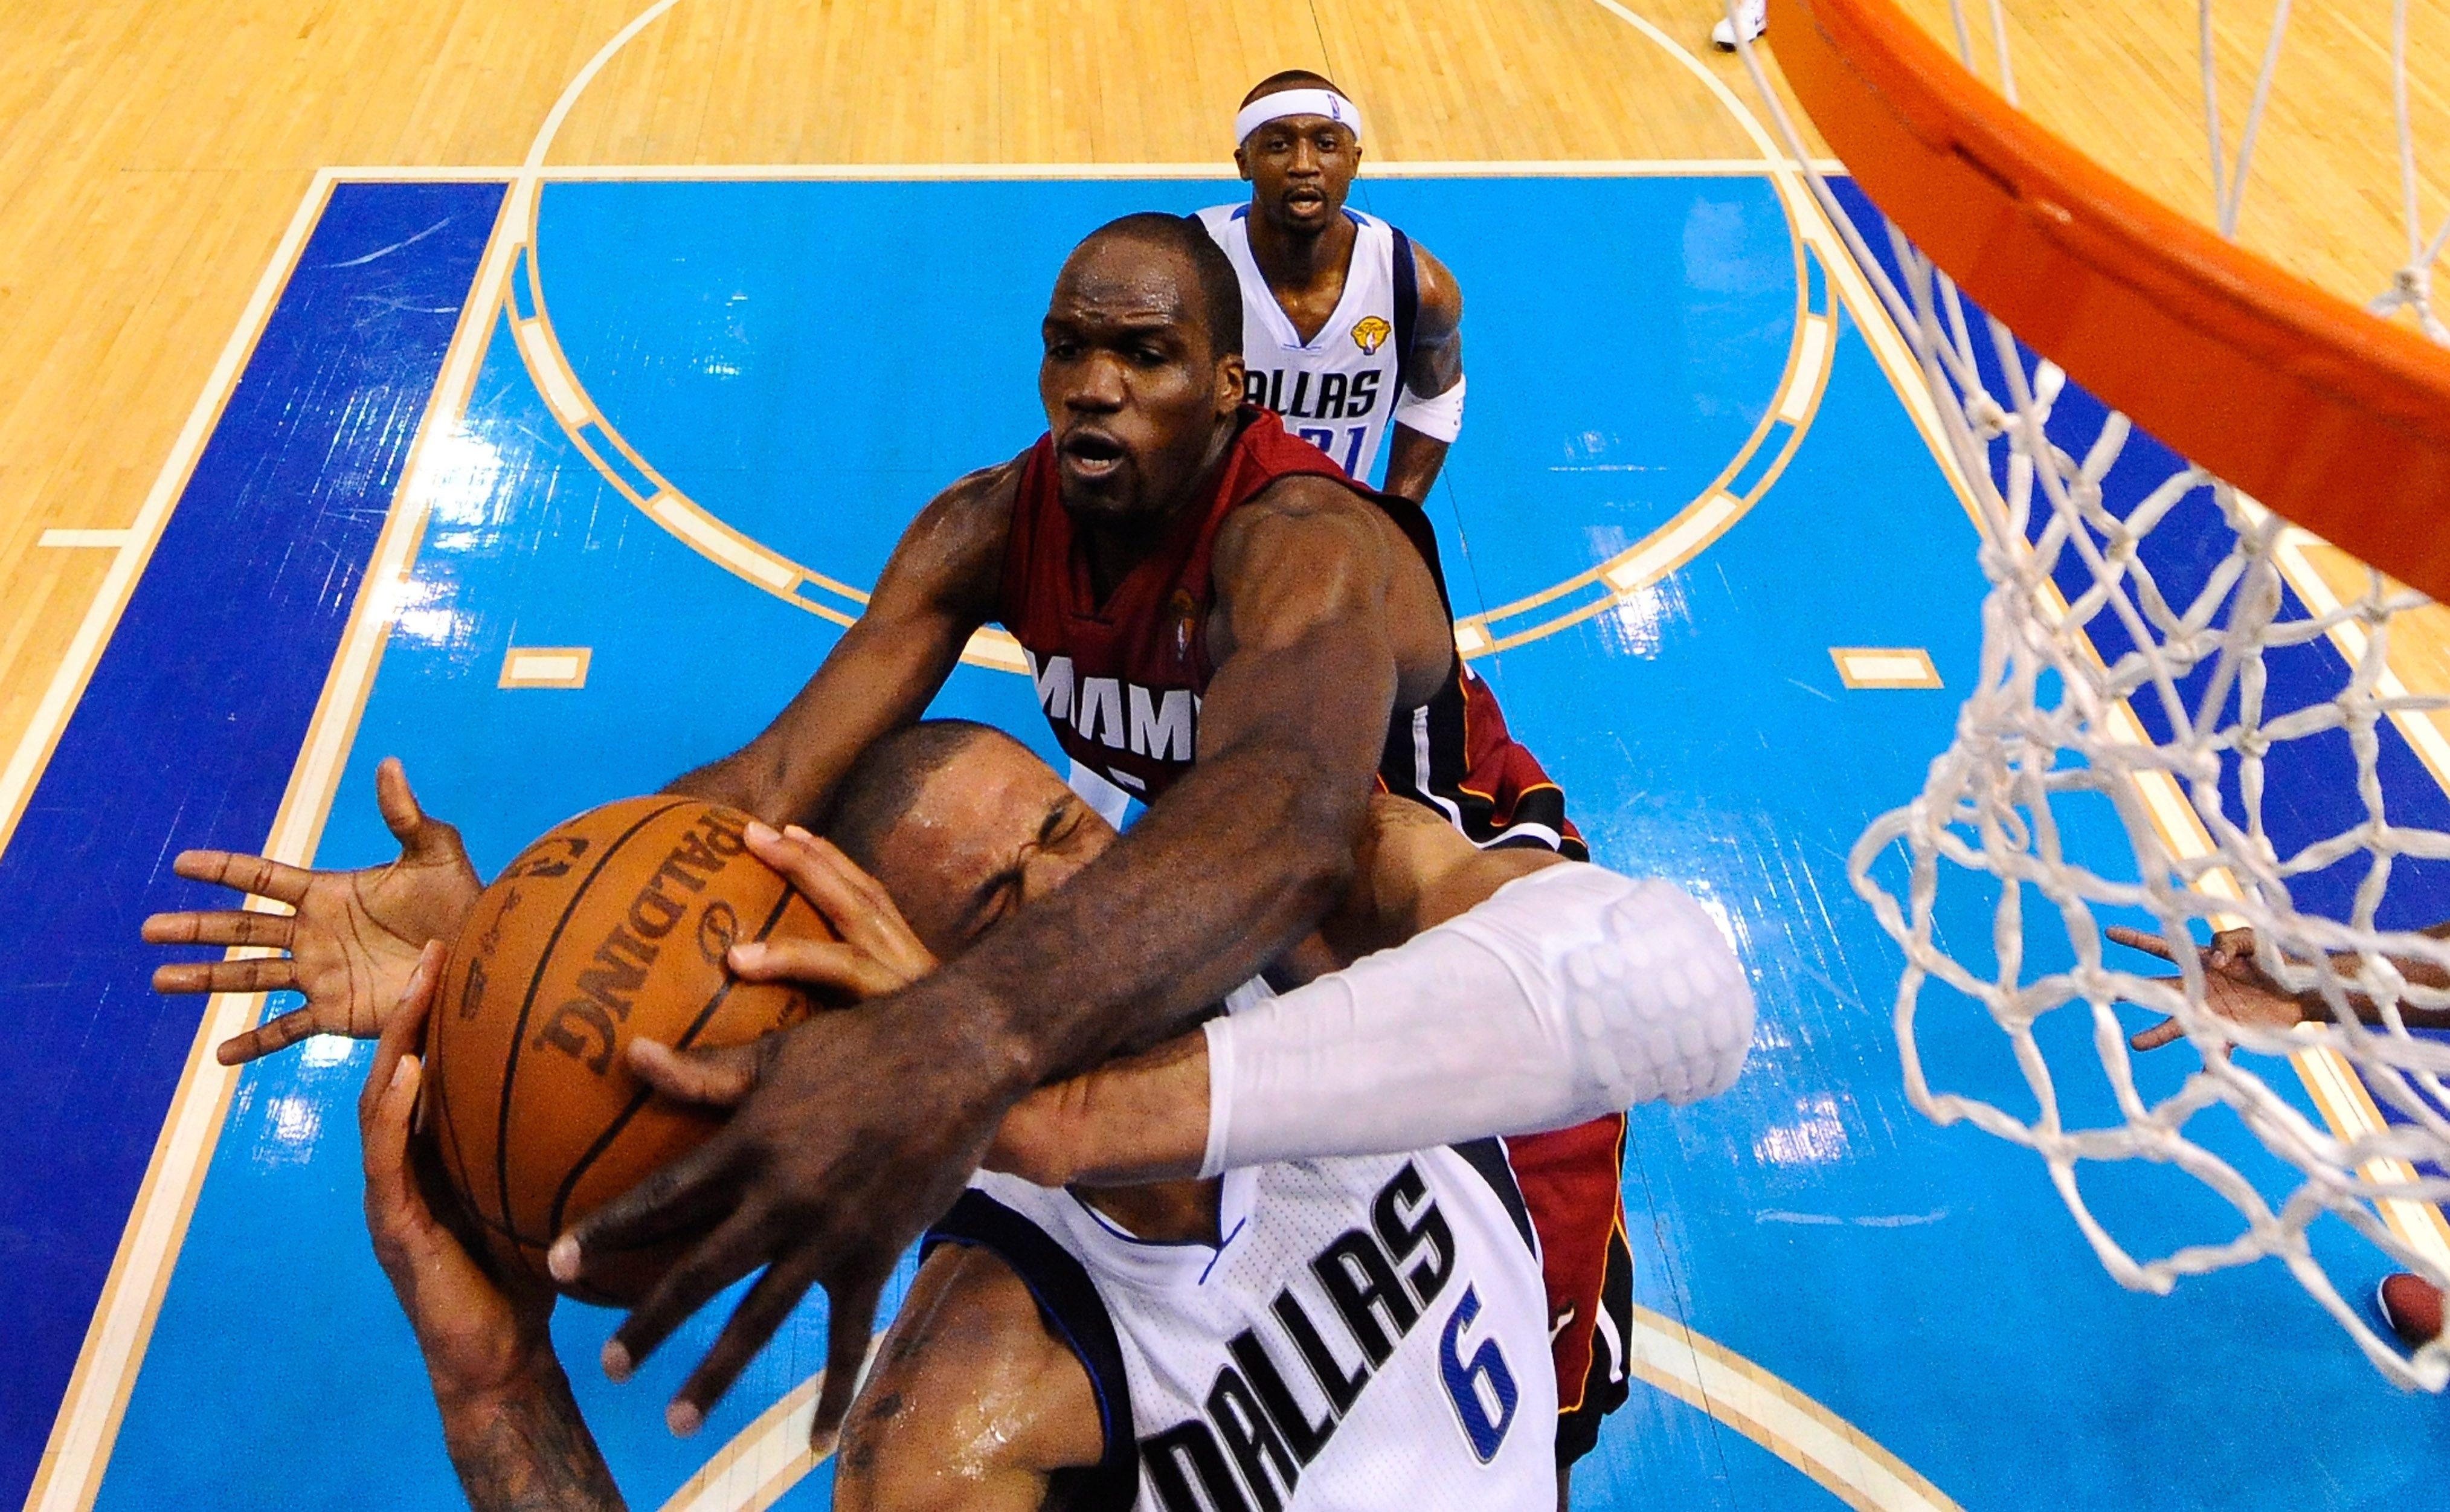 Нова победа за Оклахома Сити в НБА